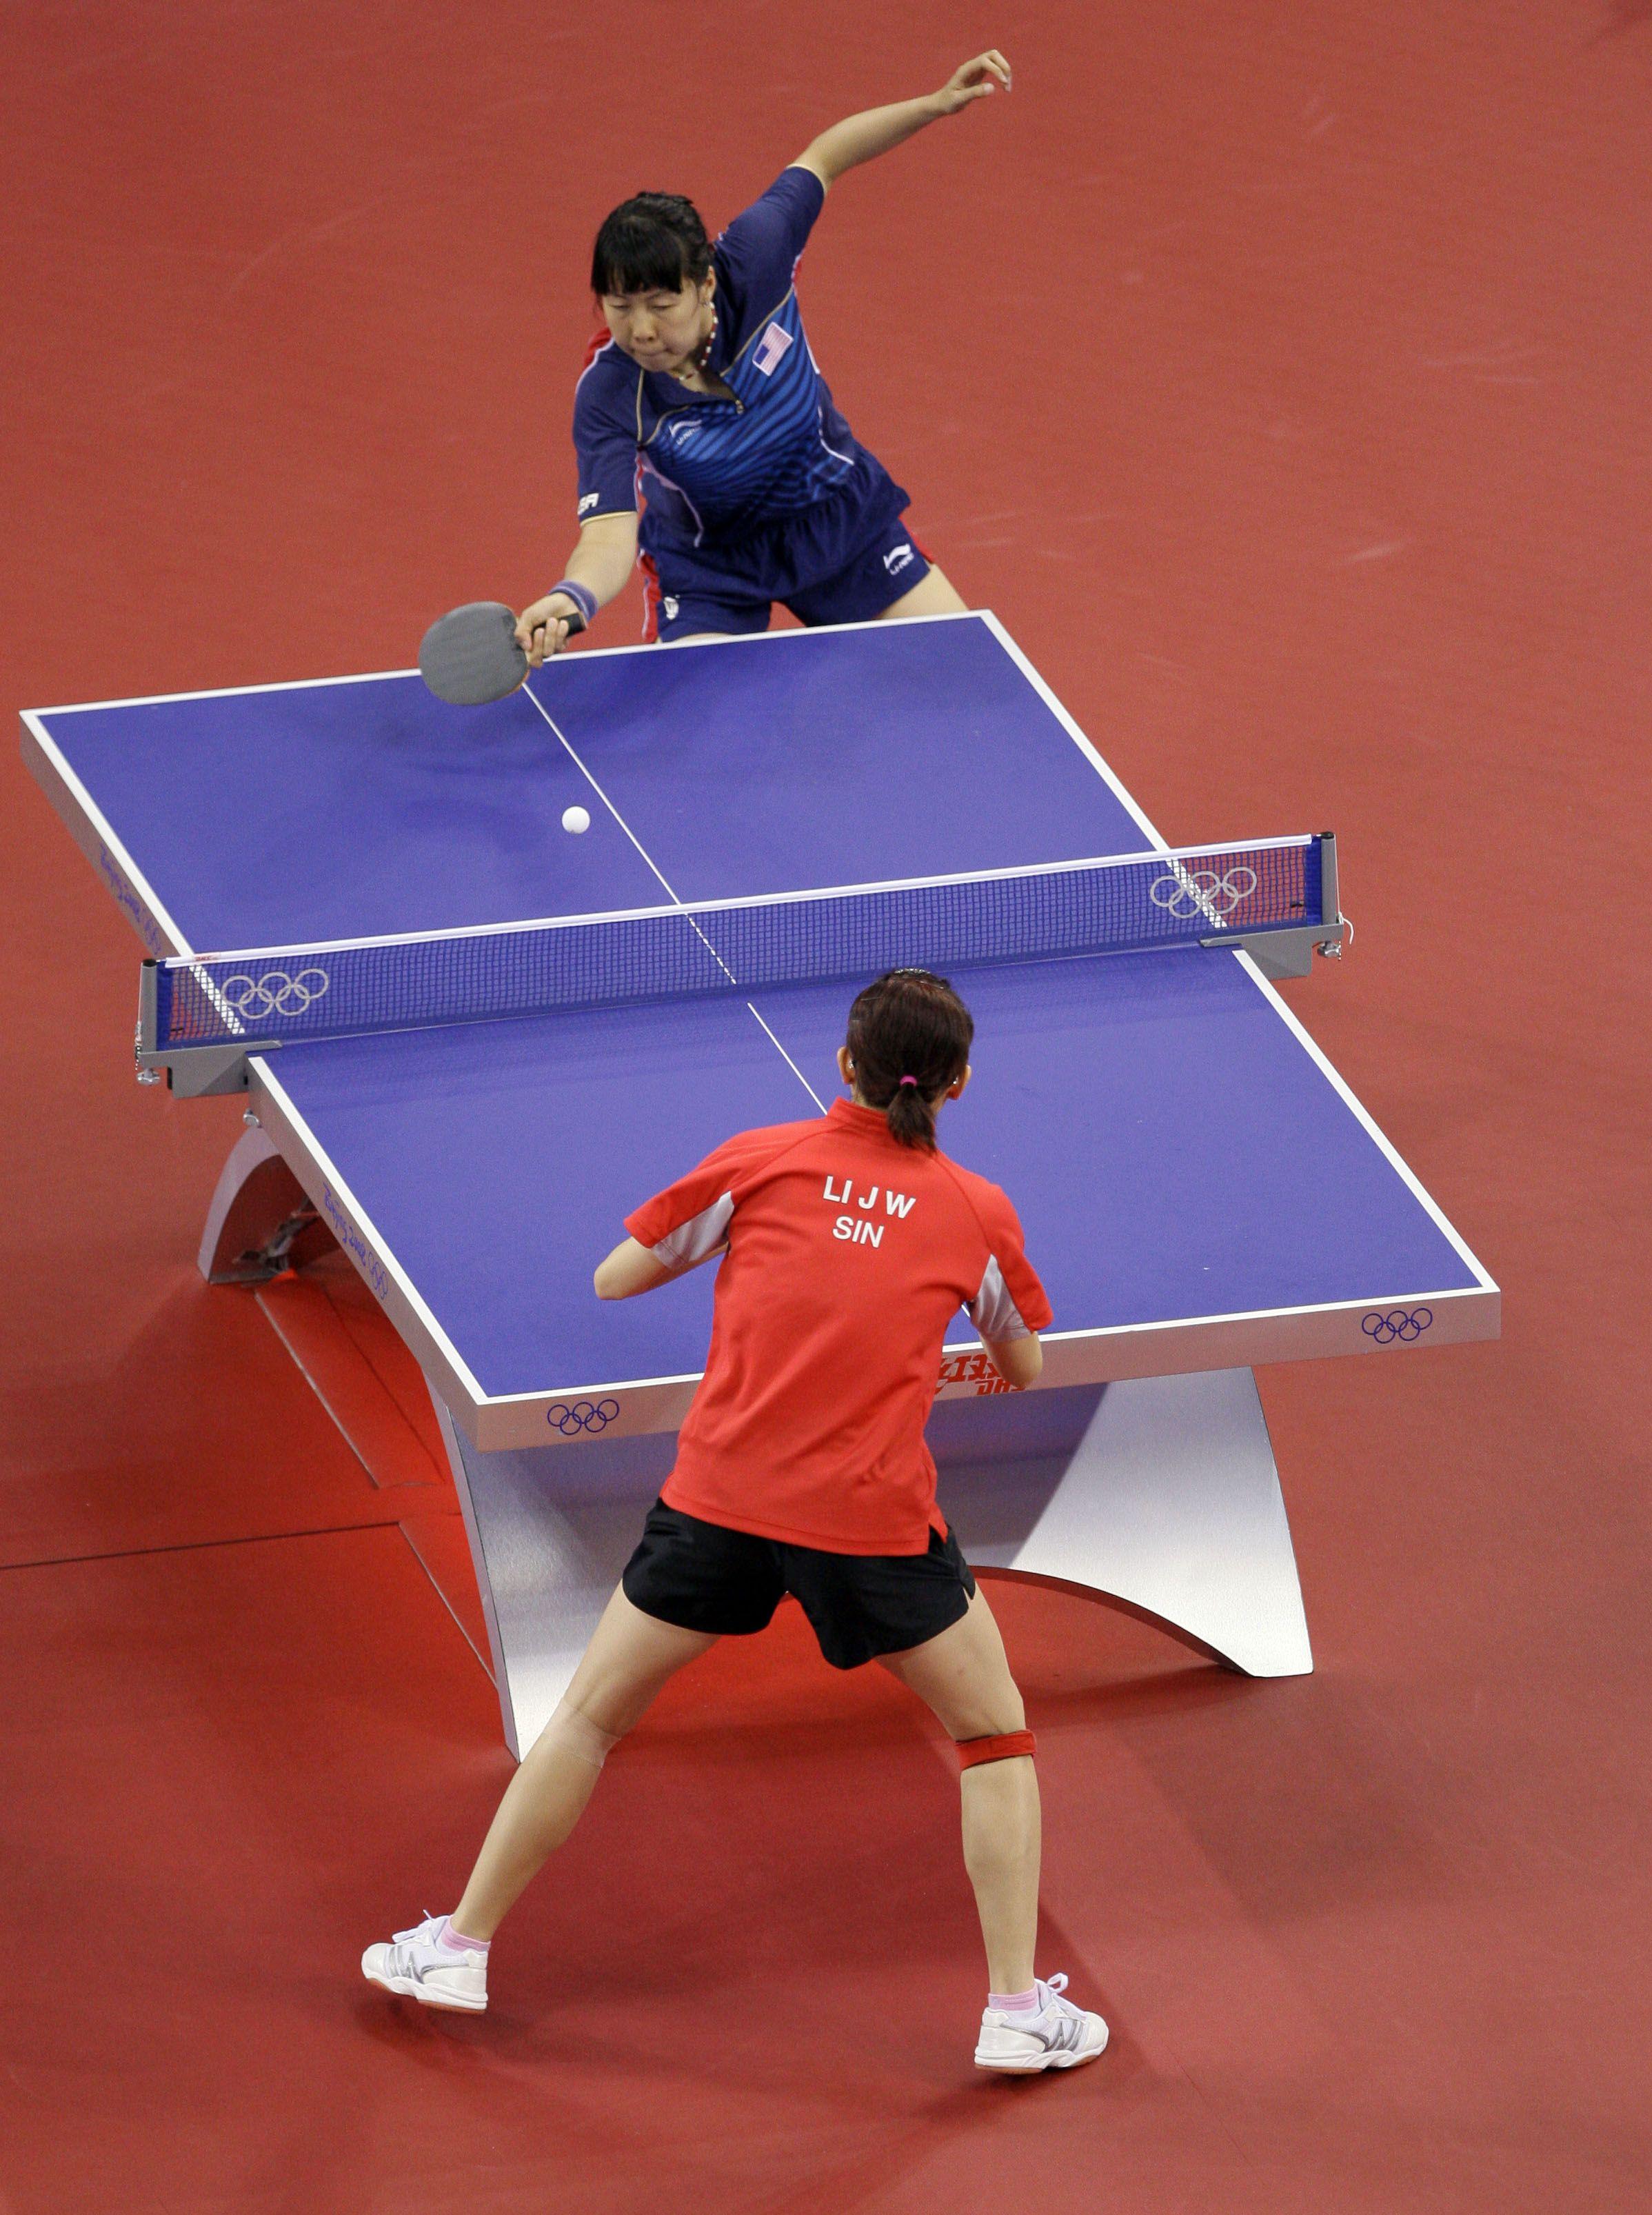 Apprenez Et Memorisez Le Vocabulaire A L Aide Des Images Vous Avez Choisis Le Theme Quot Le Sport Quot Maintenant De Tennis De Table Ping Pong Sport